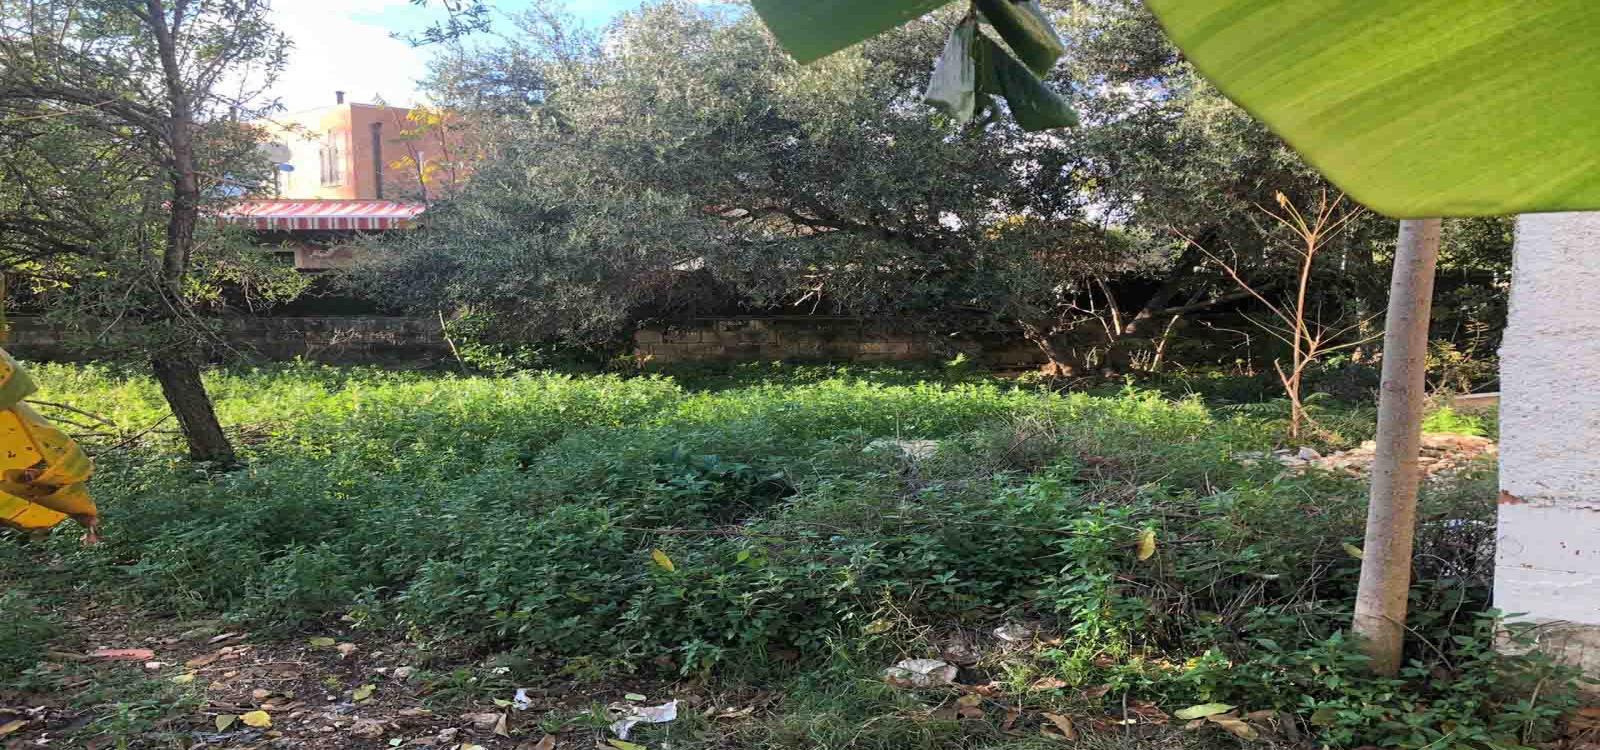 isola,SIRACUSA,96100,Villa,isola,2304